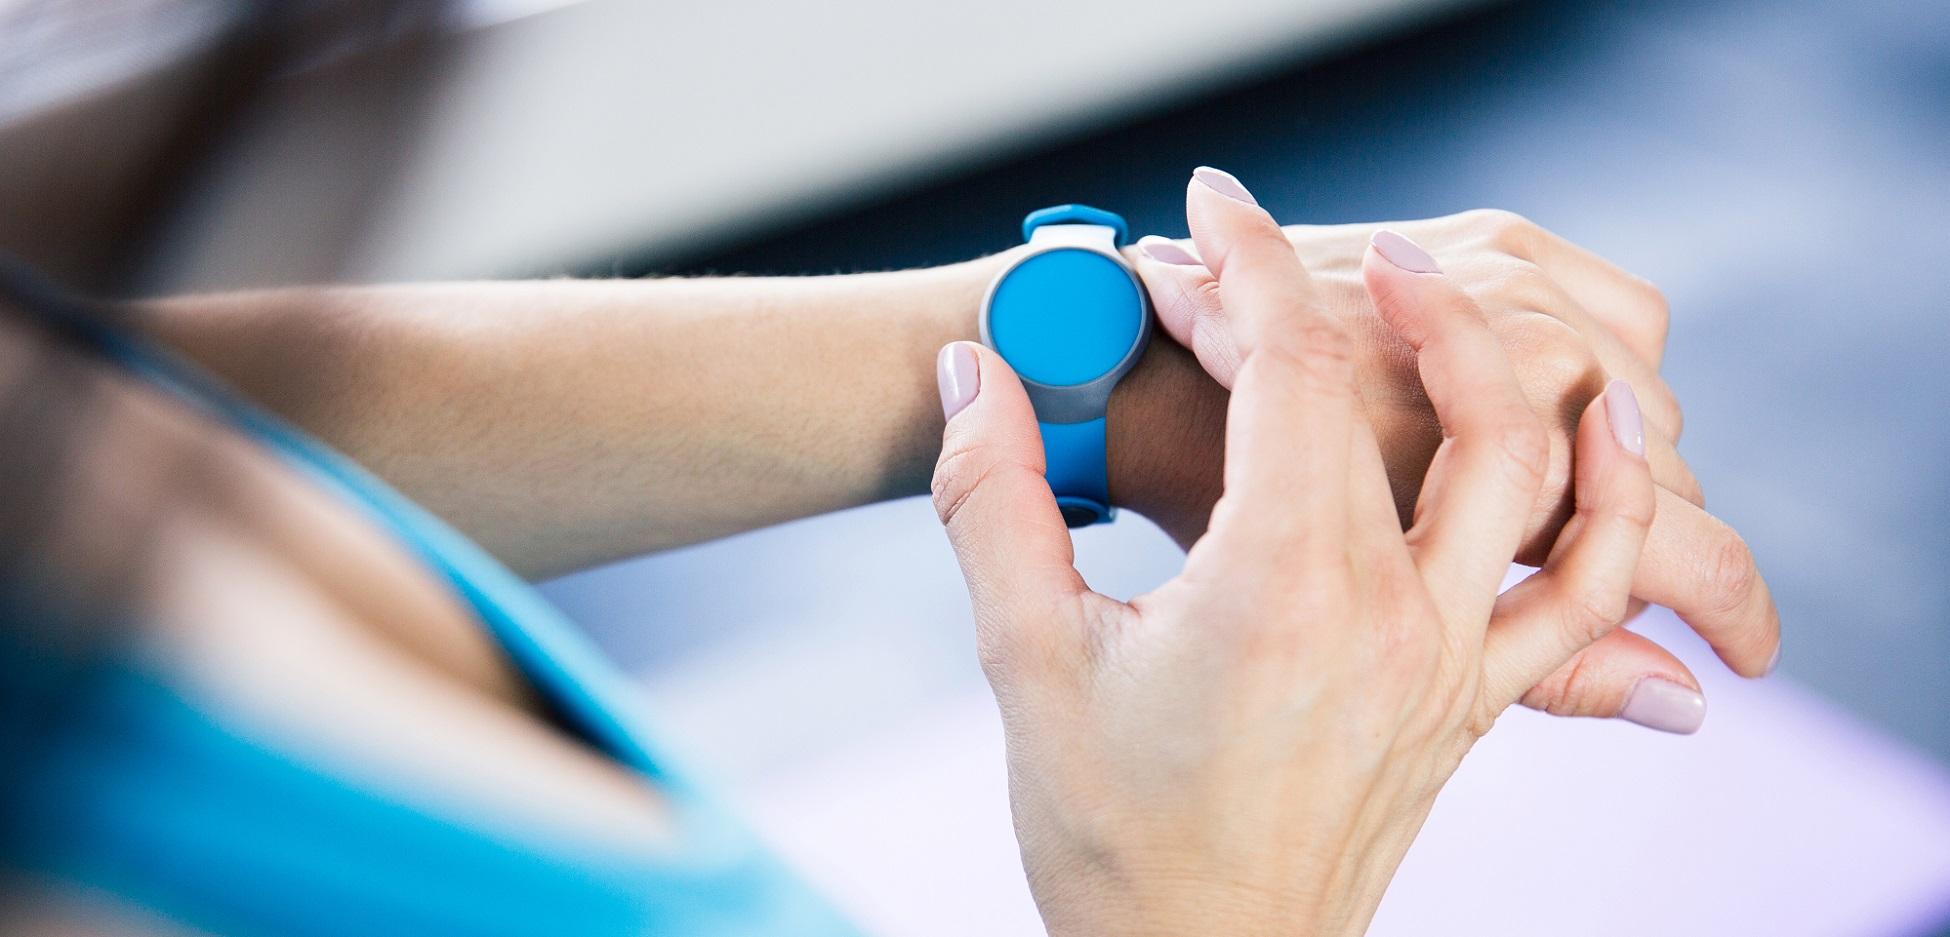 El cuerpo humano: vehículo de comunicación entre wearables